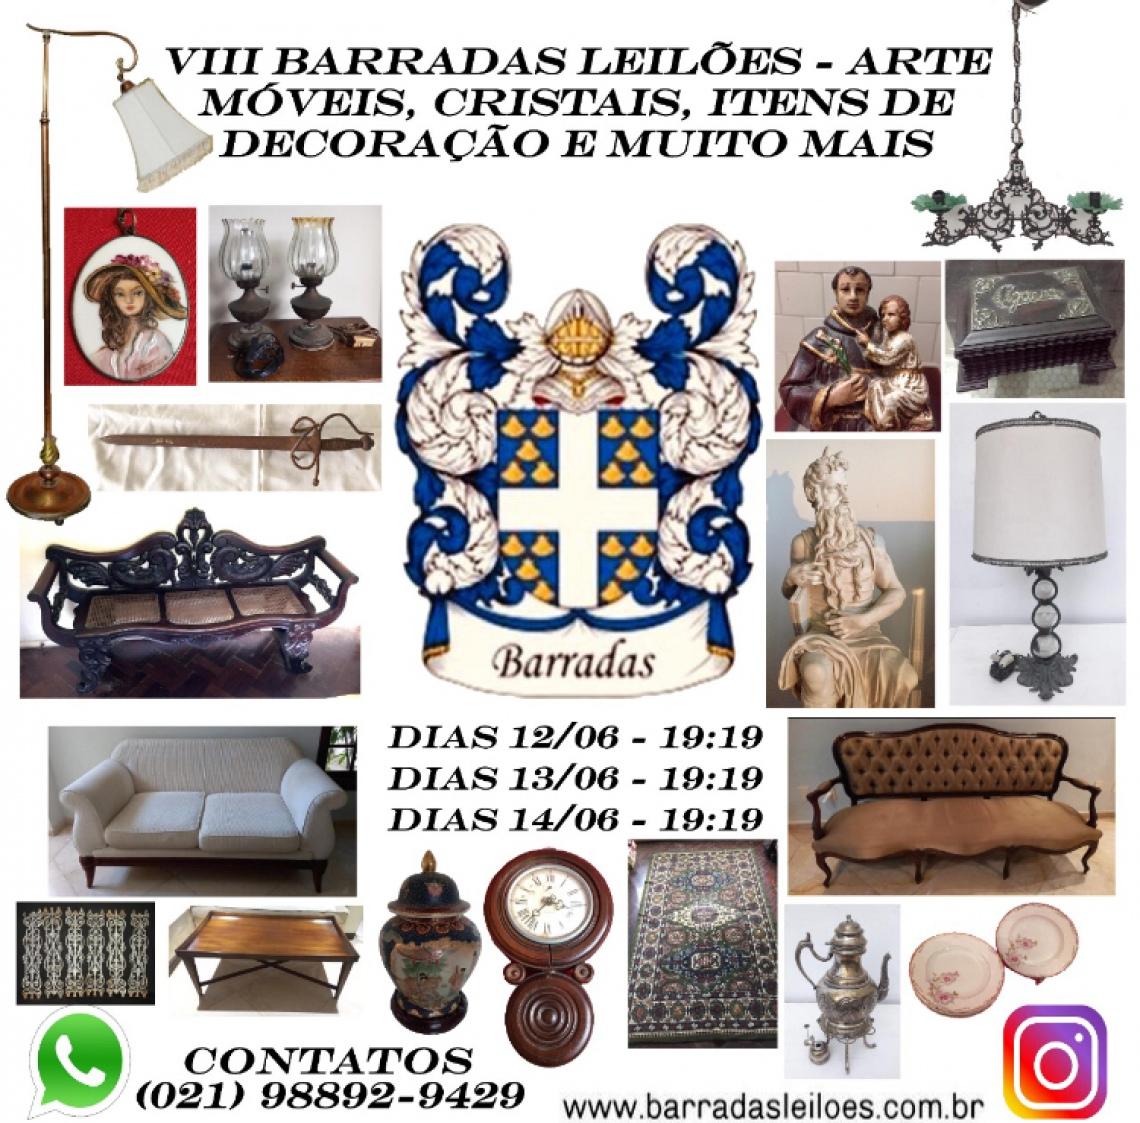 VIII Barradas Leilões - Arte, Móveis, Cristais, Itens de Decoração e muito mais